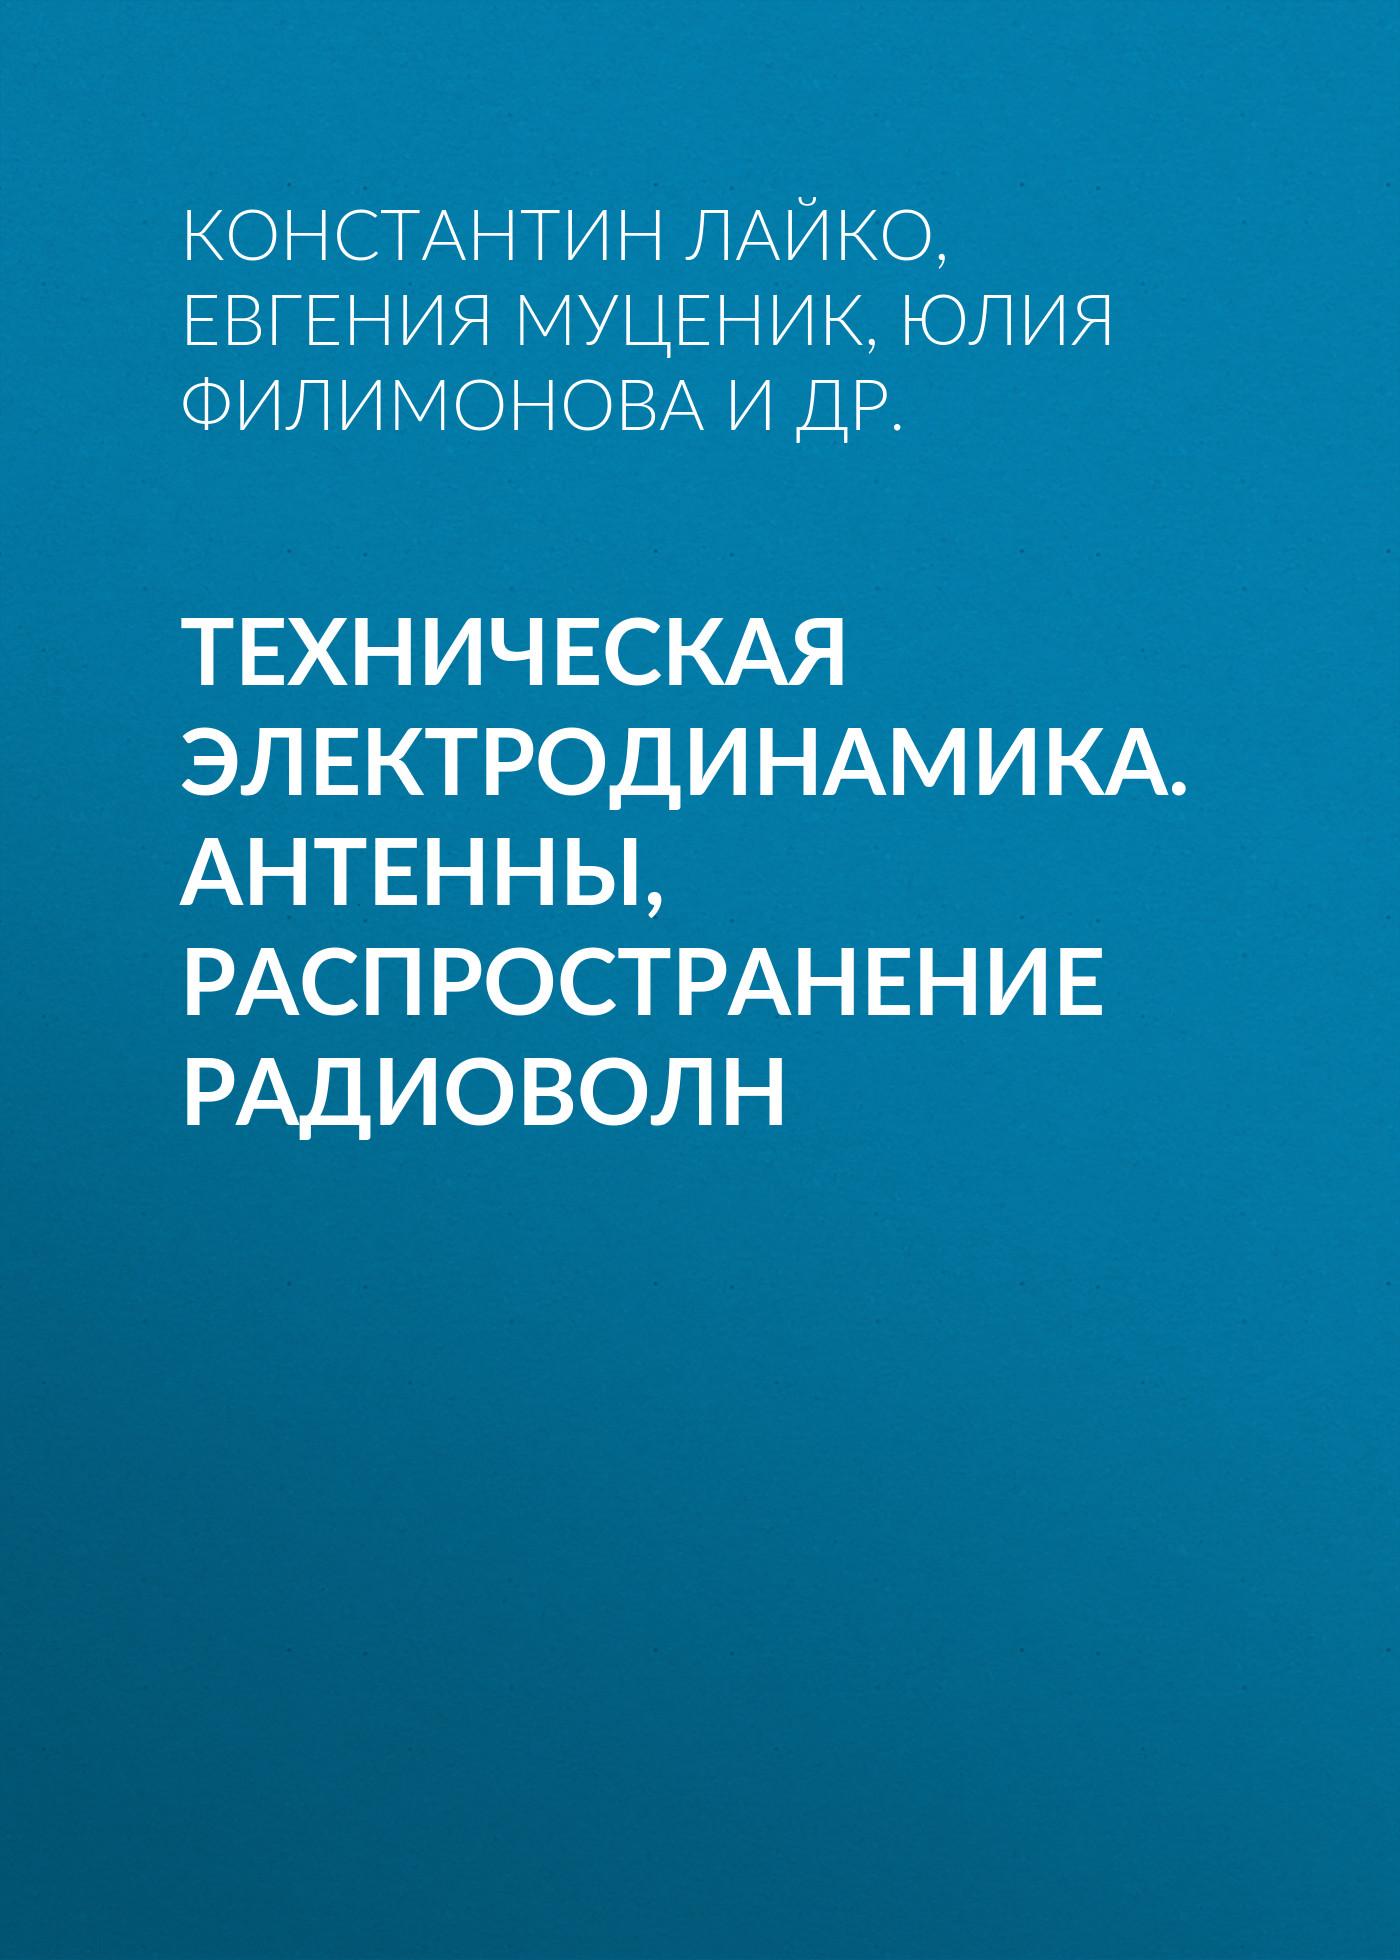 Ю. О. Филимонова Техническая электродинамика. Антенны, распространение радиоволн